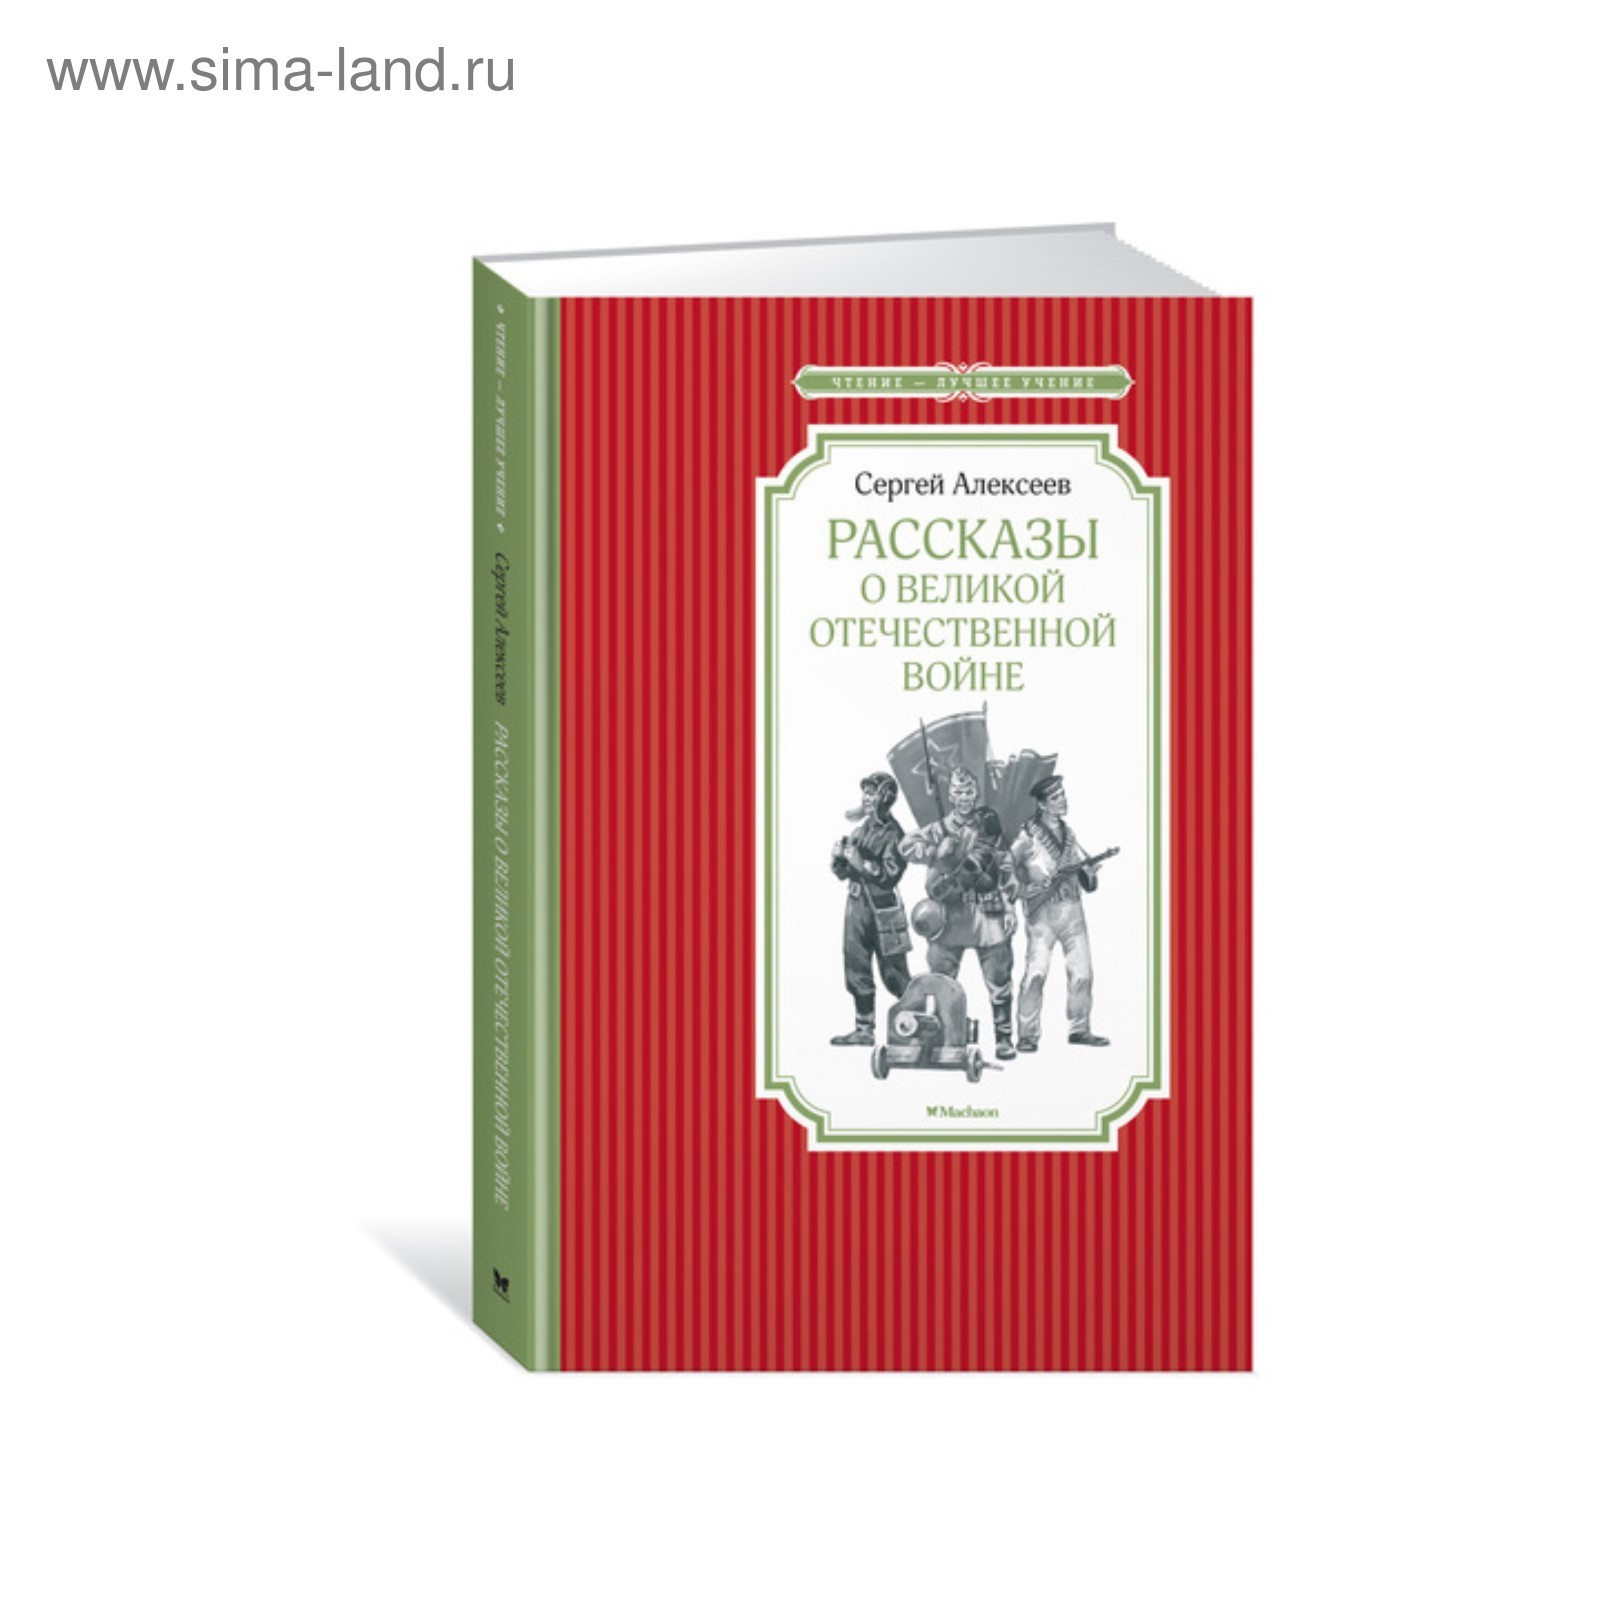 Рассказы о Великой Отечественной войне для школьников